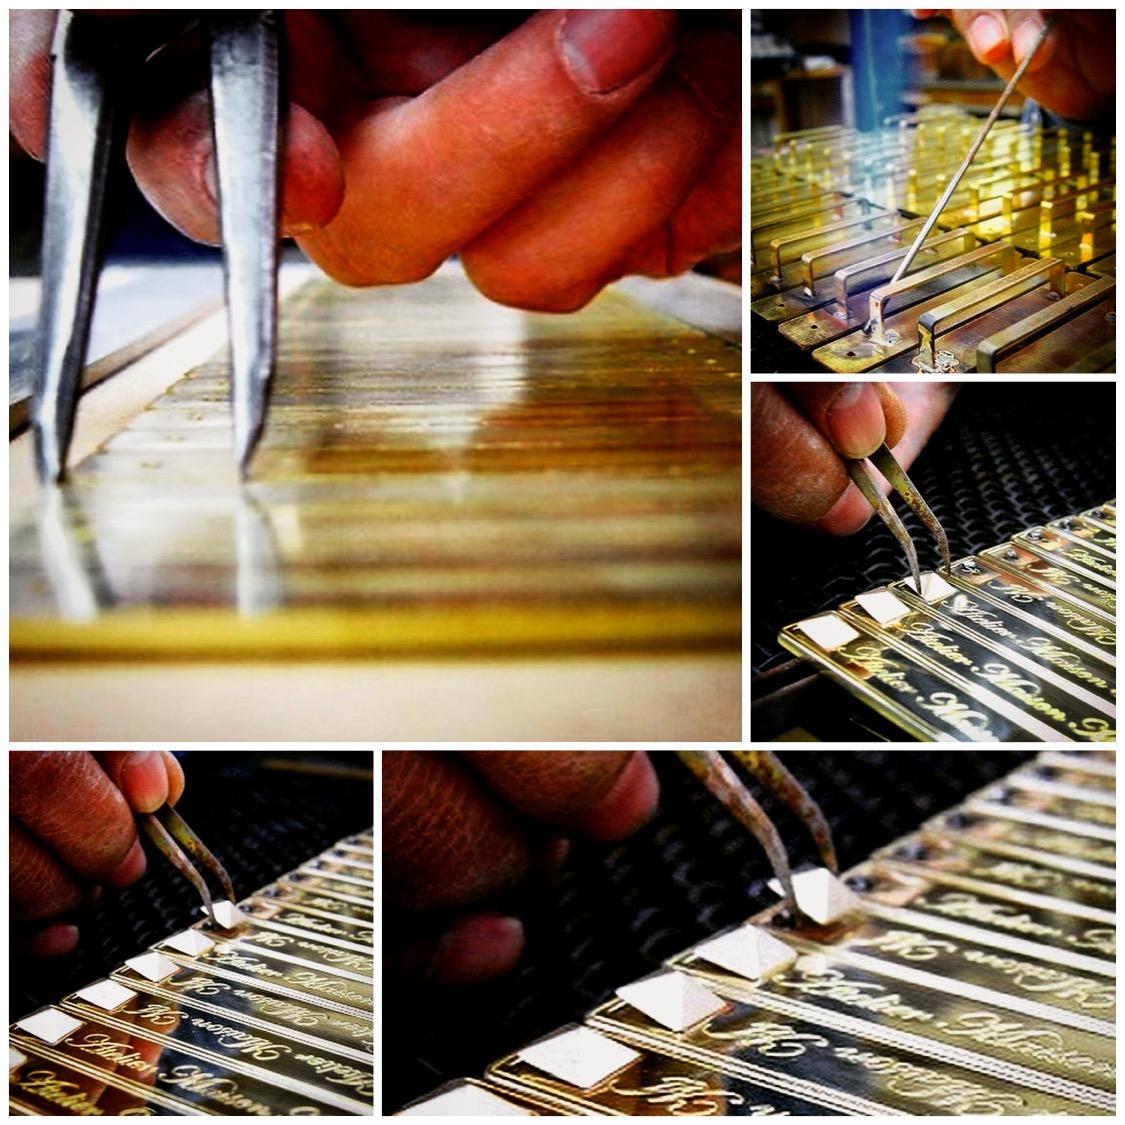 オリジナル金具製作やその他付属金具の手配、また縫製メーカーさまとの打ち合わせ、革屋さん、その他部材の仕入れに発生する手間や時間をメタルハウスに一任して革小物や金属小物の商品を製作することが可能です。